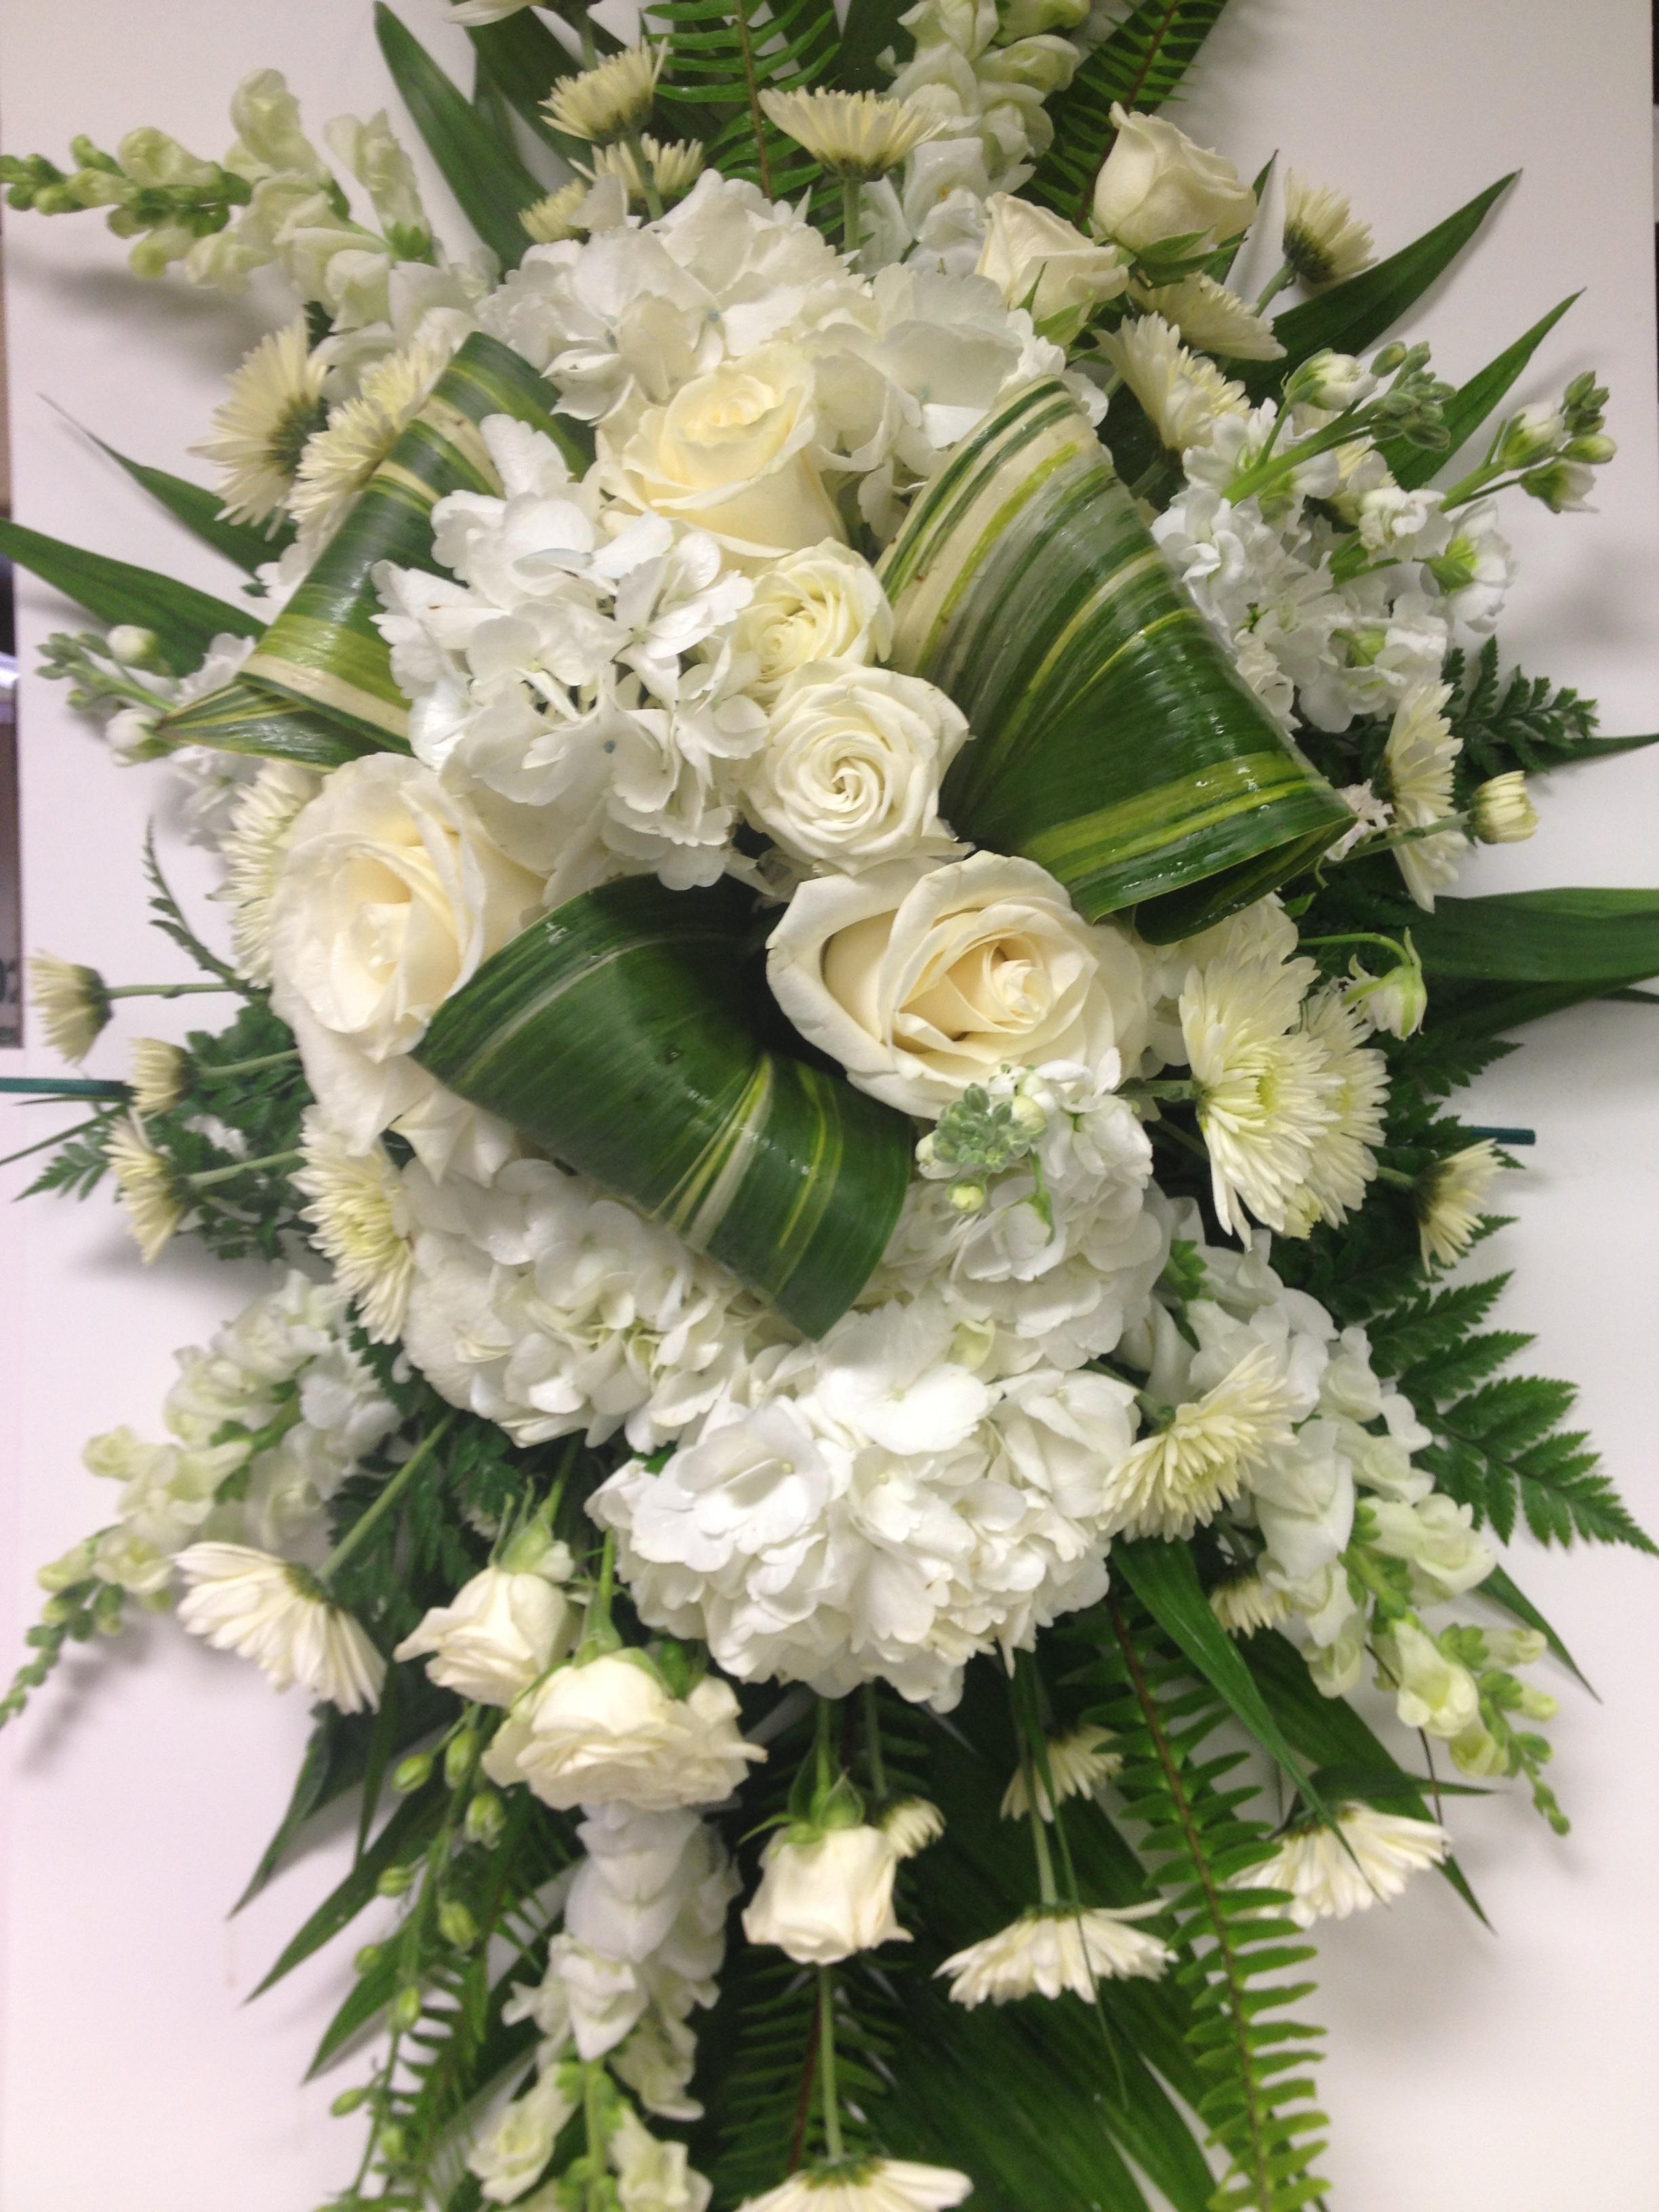 Floral Elegance image 97